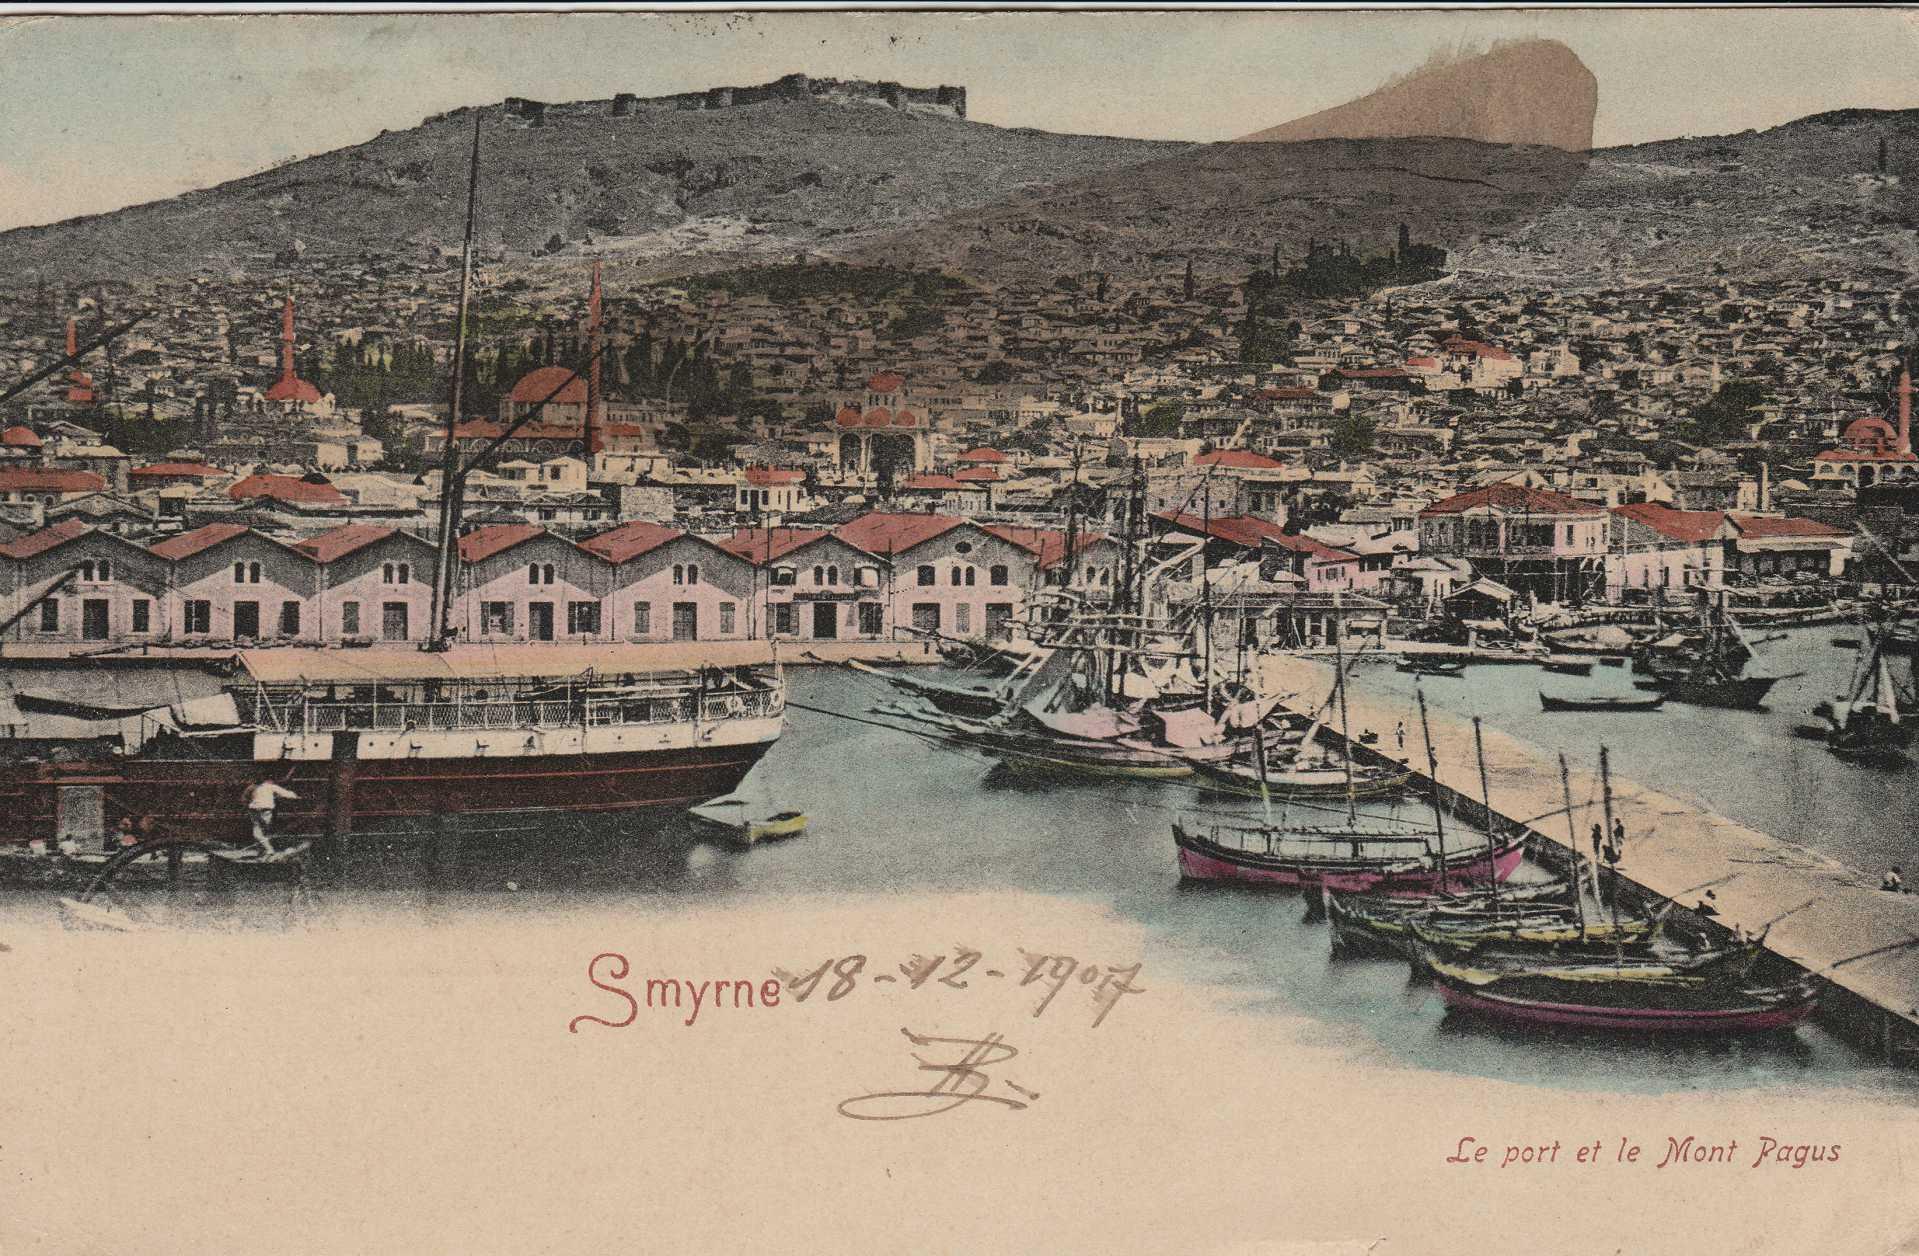 Smyrne le port et le mont pagus & İzmir liman ve Pagos dağı